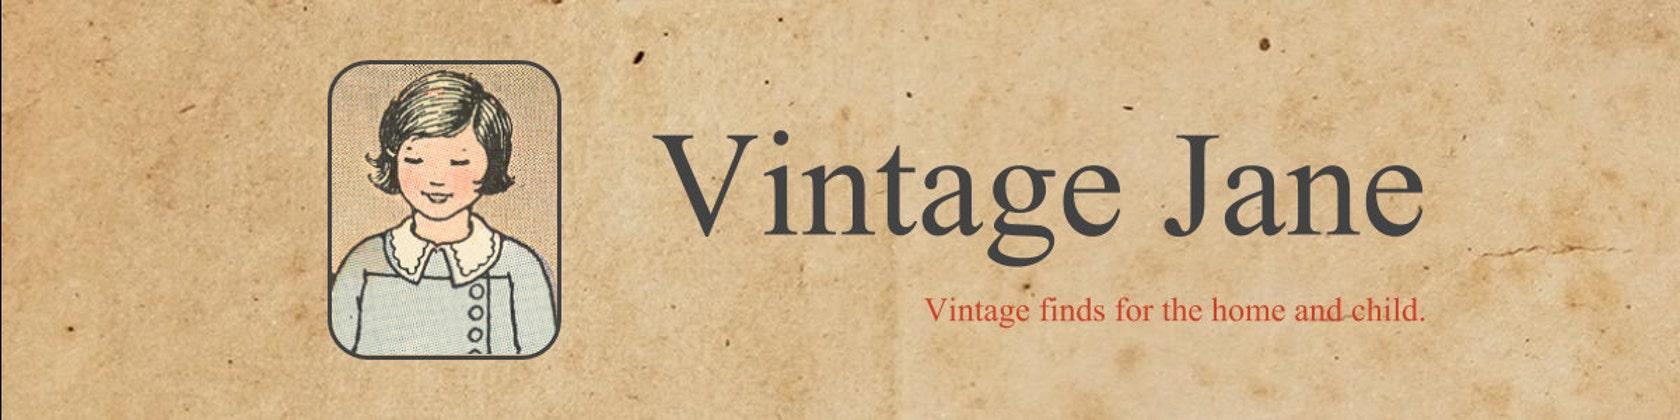 Vintage Jane Vintage Finds For The Home And Child By Vintagejane